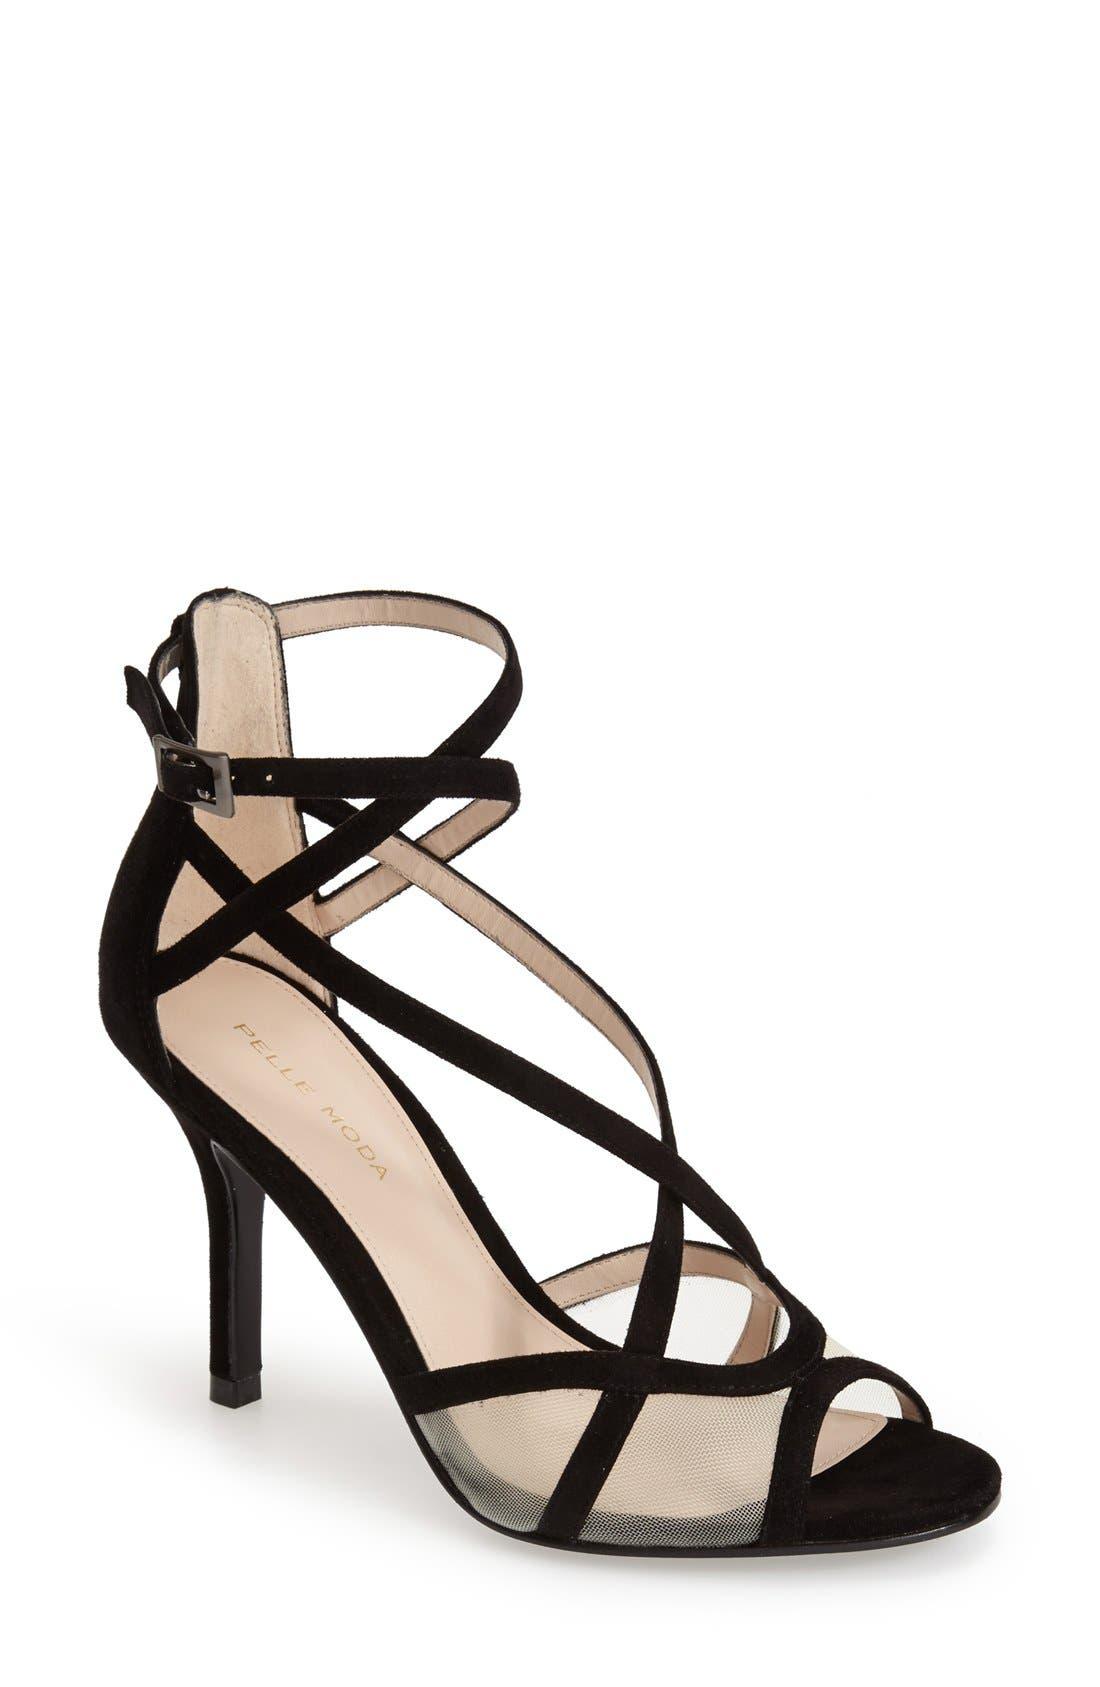 Alternate Image 1 Selected - Pelle Moda 'Everly' Sandal (Women)